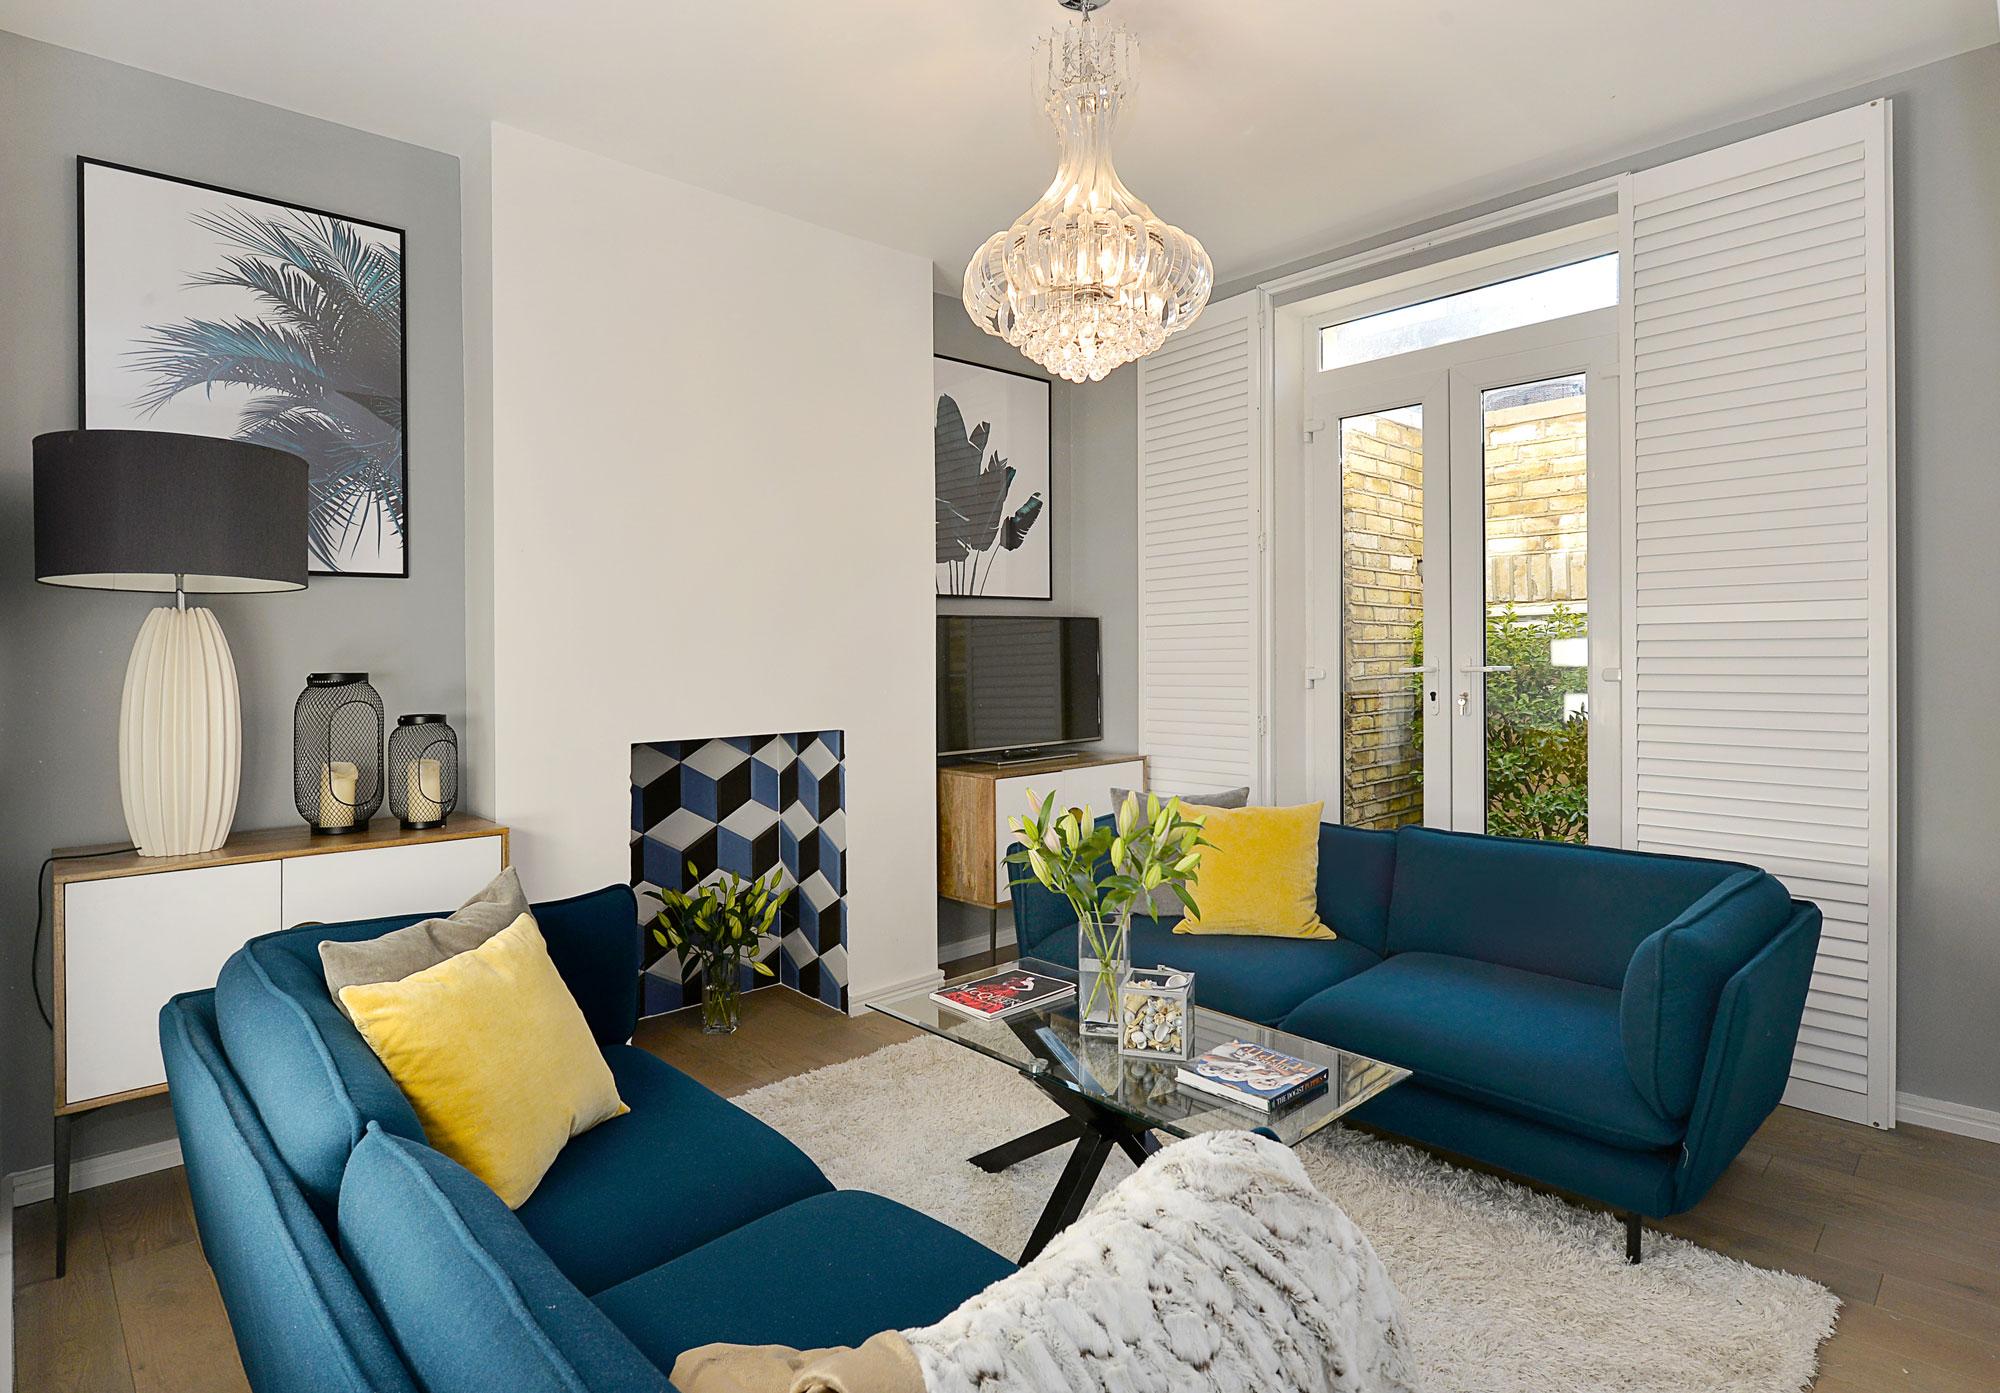 Rénovation du salon avec des canapés bleus